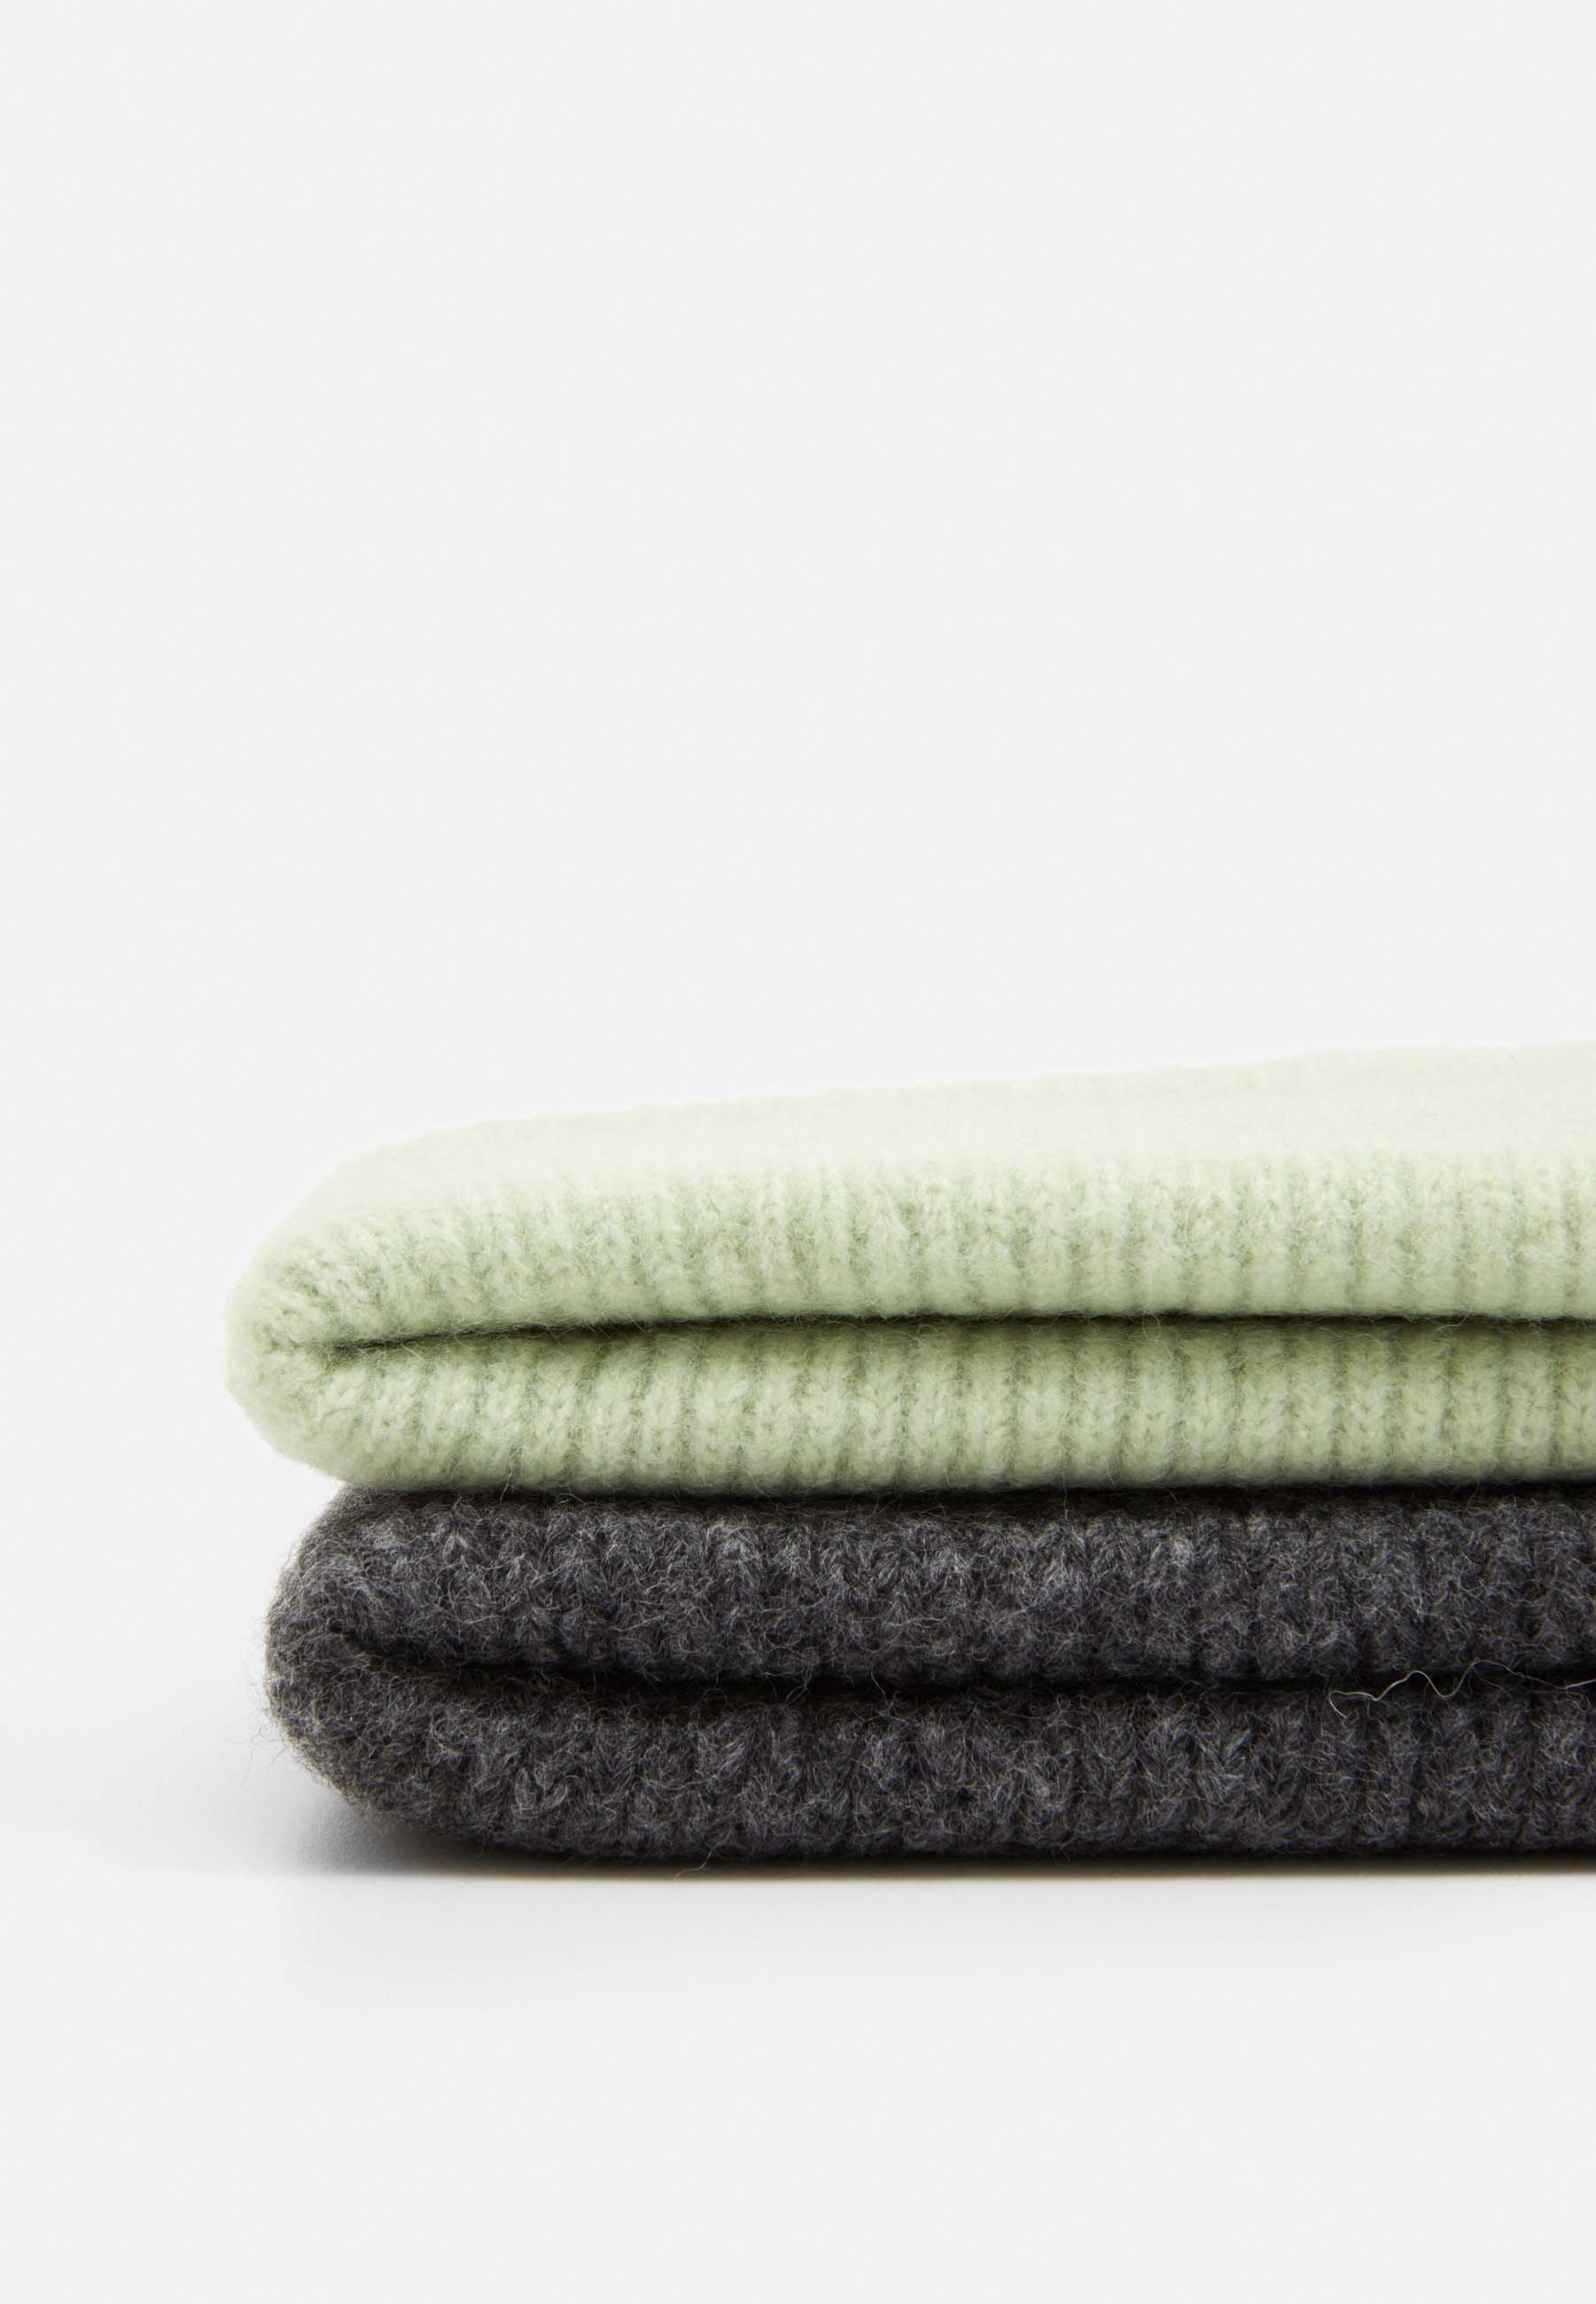 Monki VERA HAT 2PACK - Lue - sage green/light grey/grønn tx5EOrrzRhJ73fX